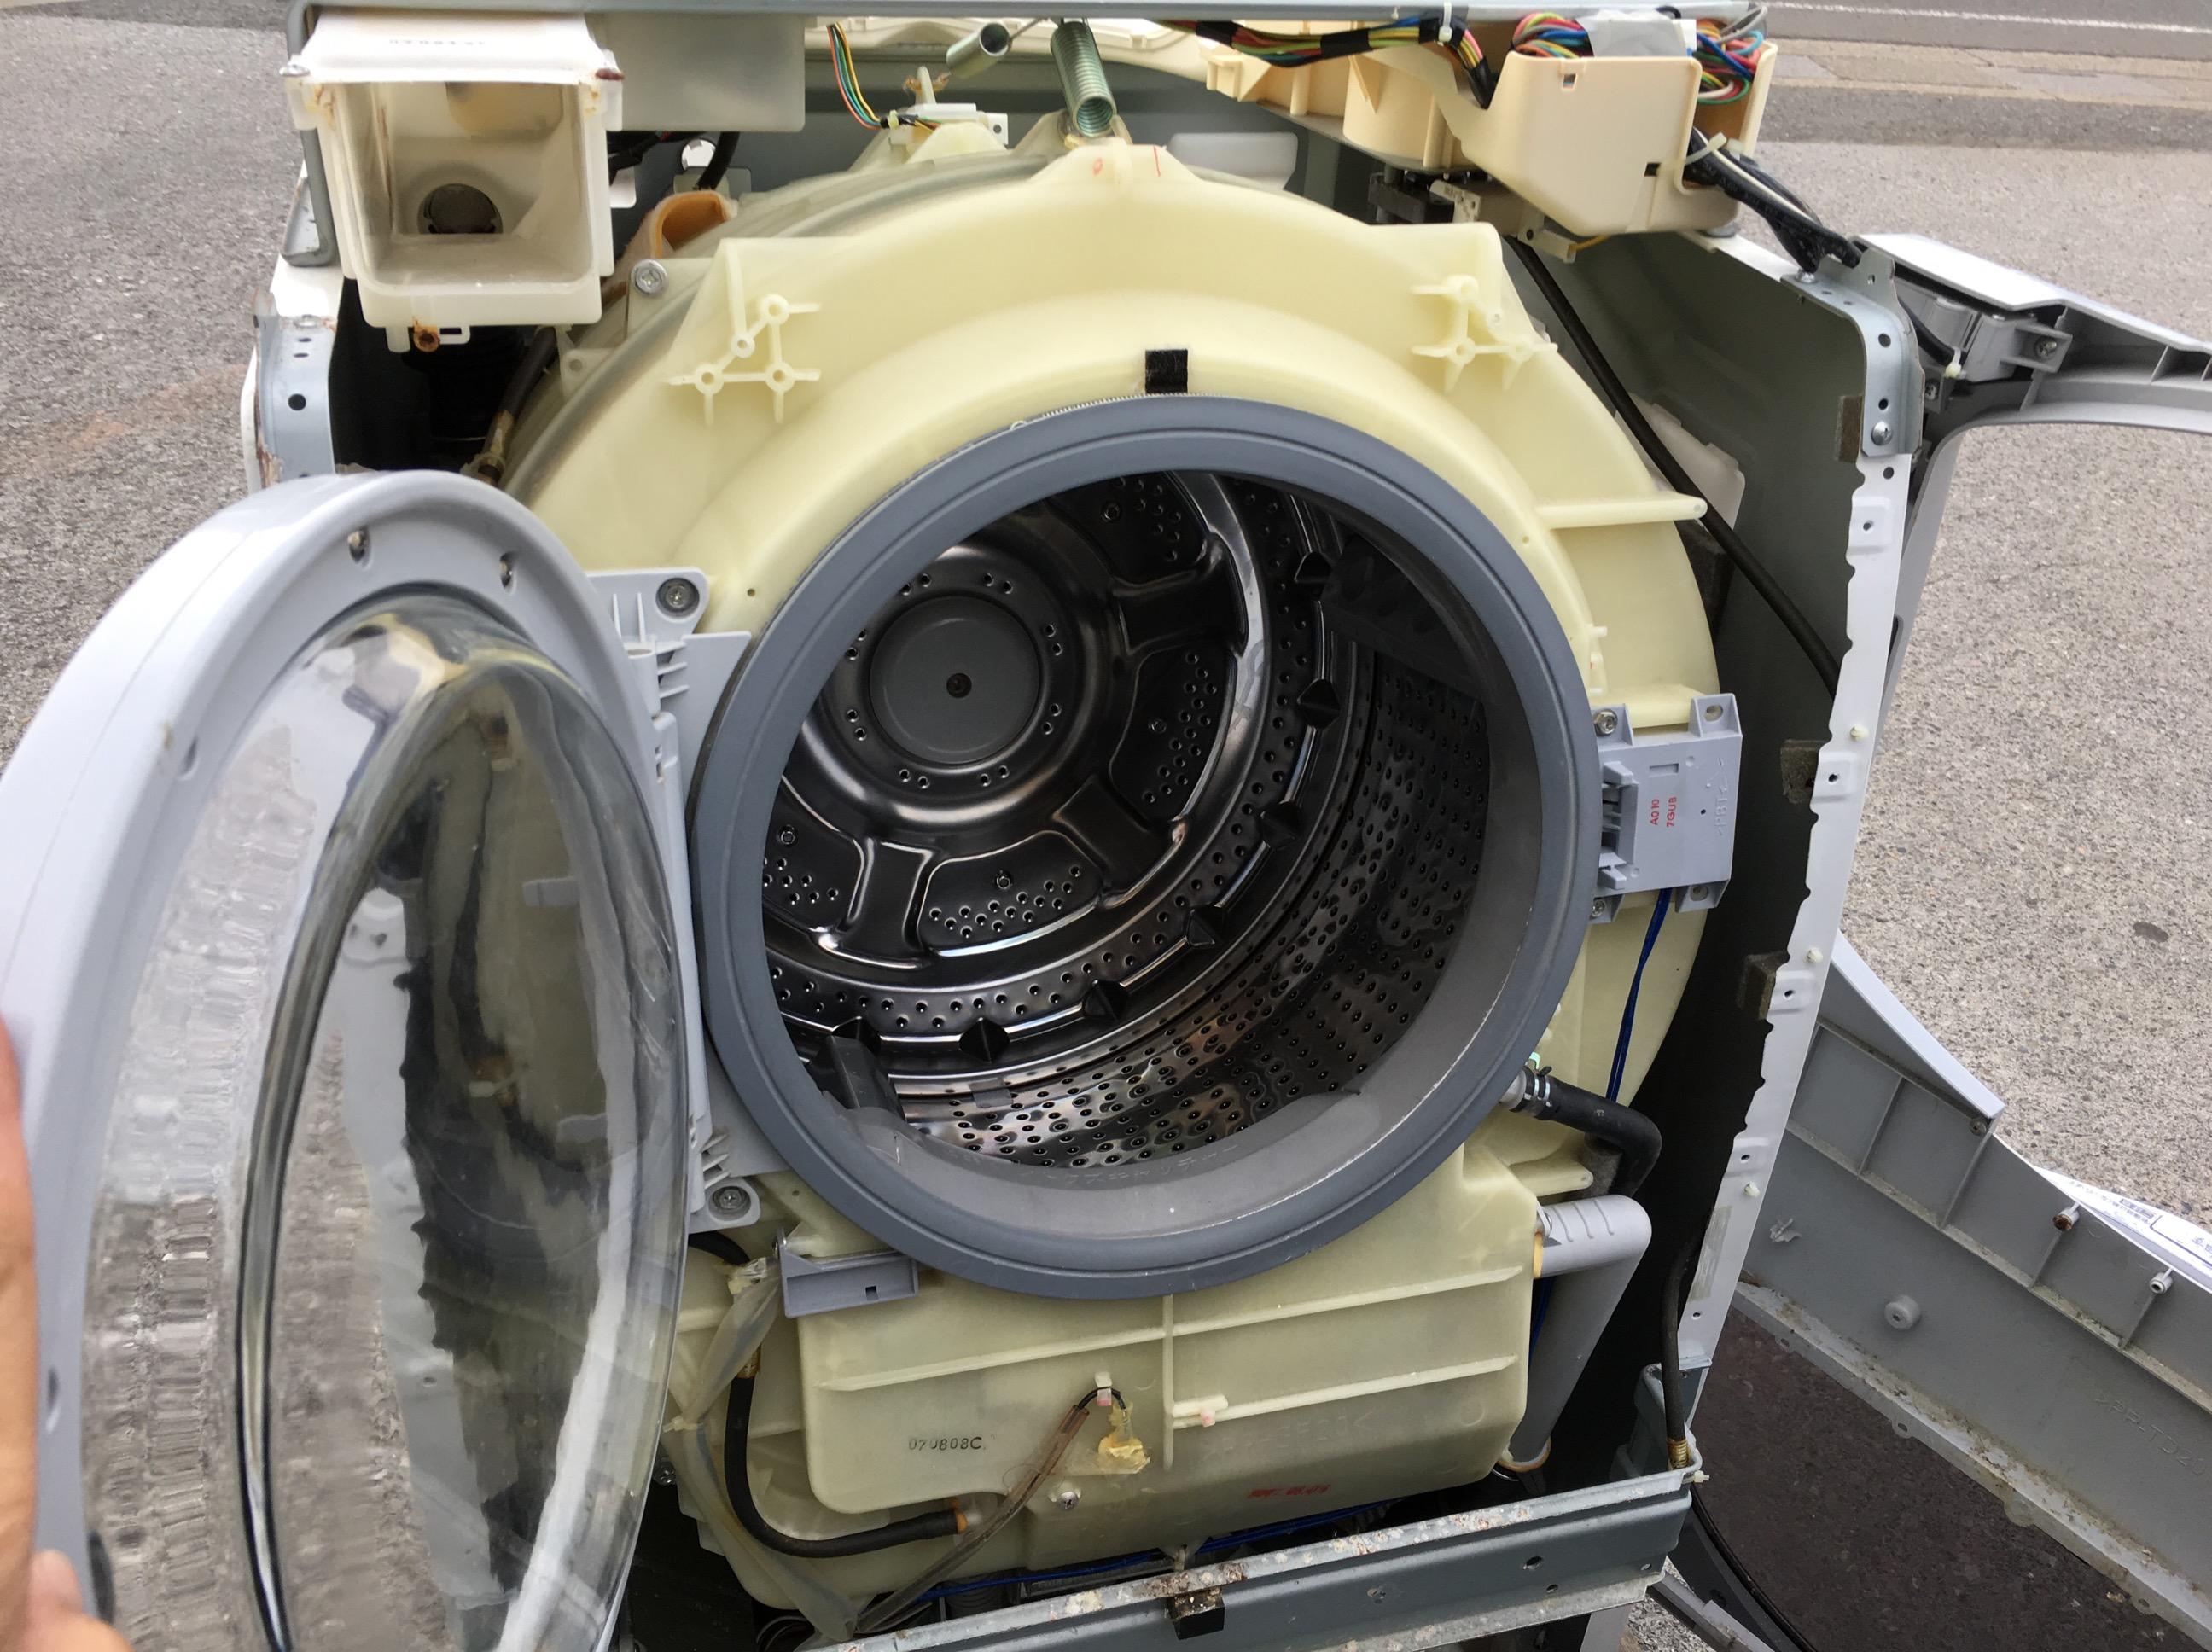 シャープ ドラム洗濯機(ES-HG92G)分解と洗濯槽のカビ掃除に挑戦